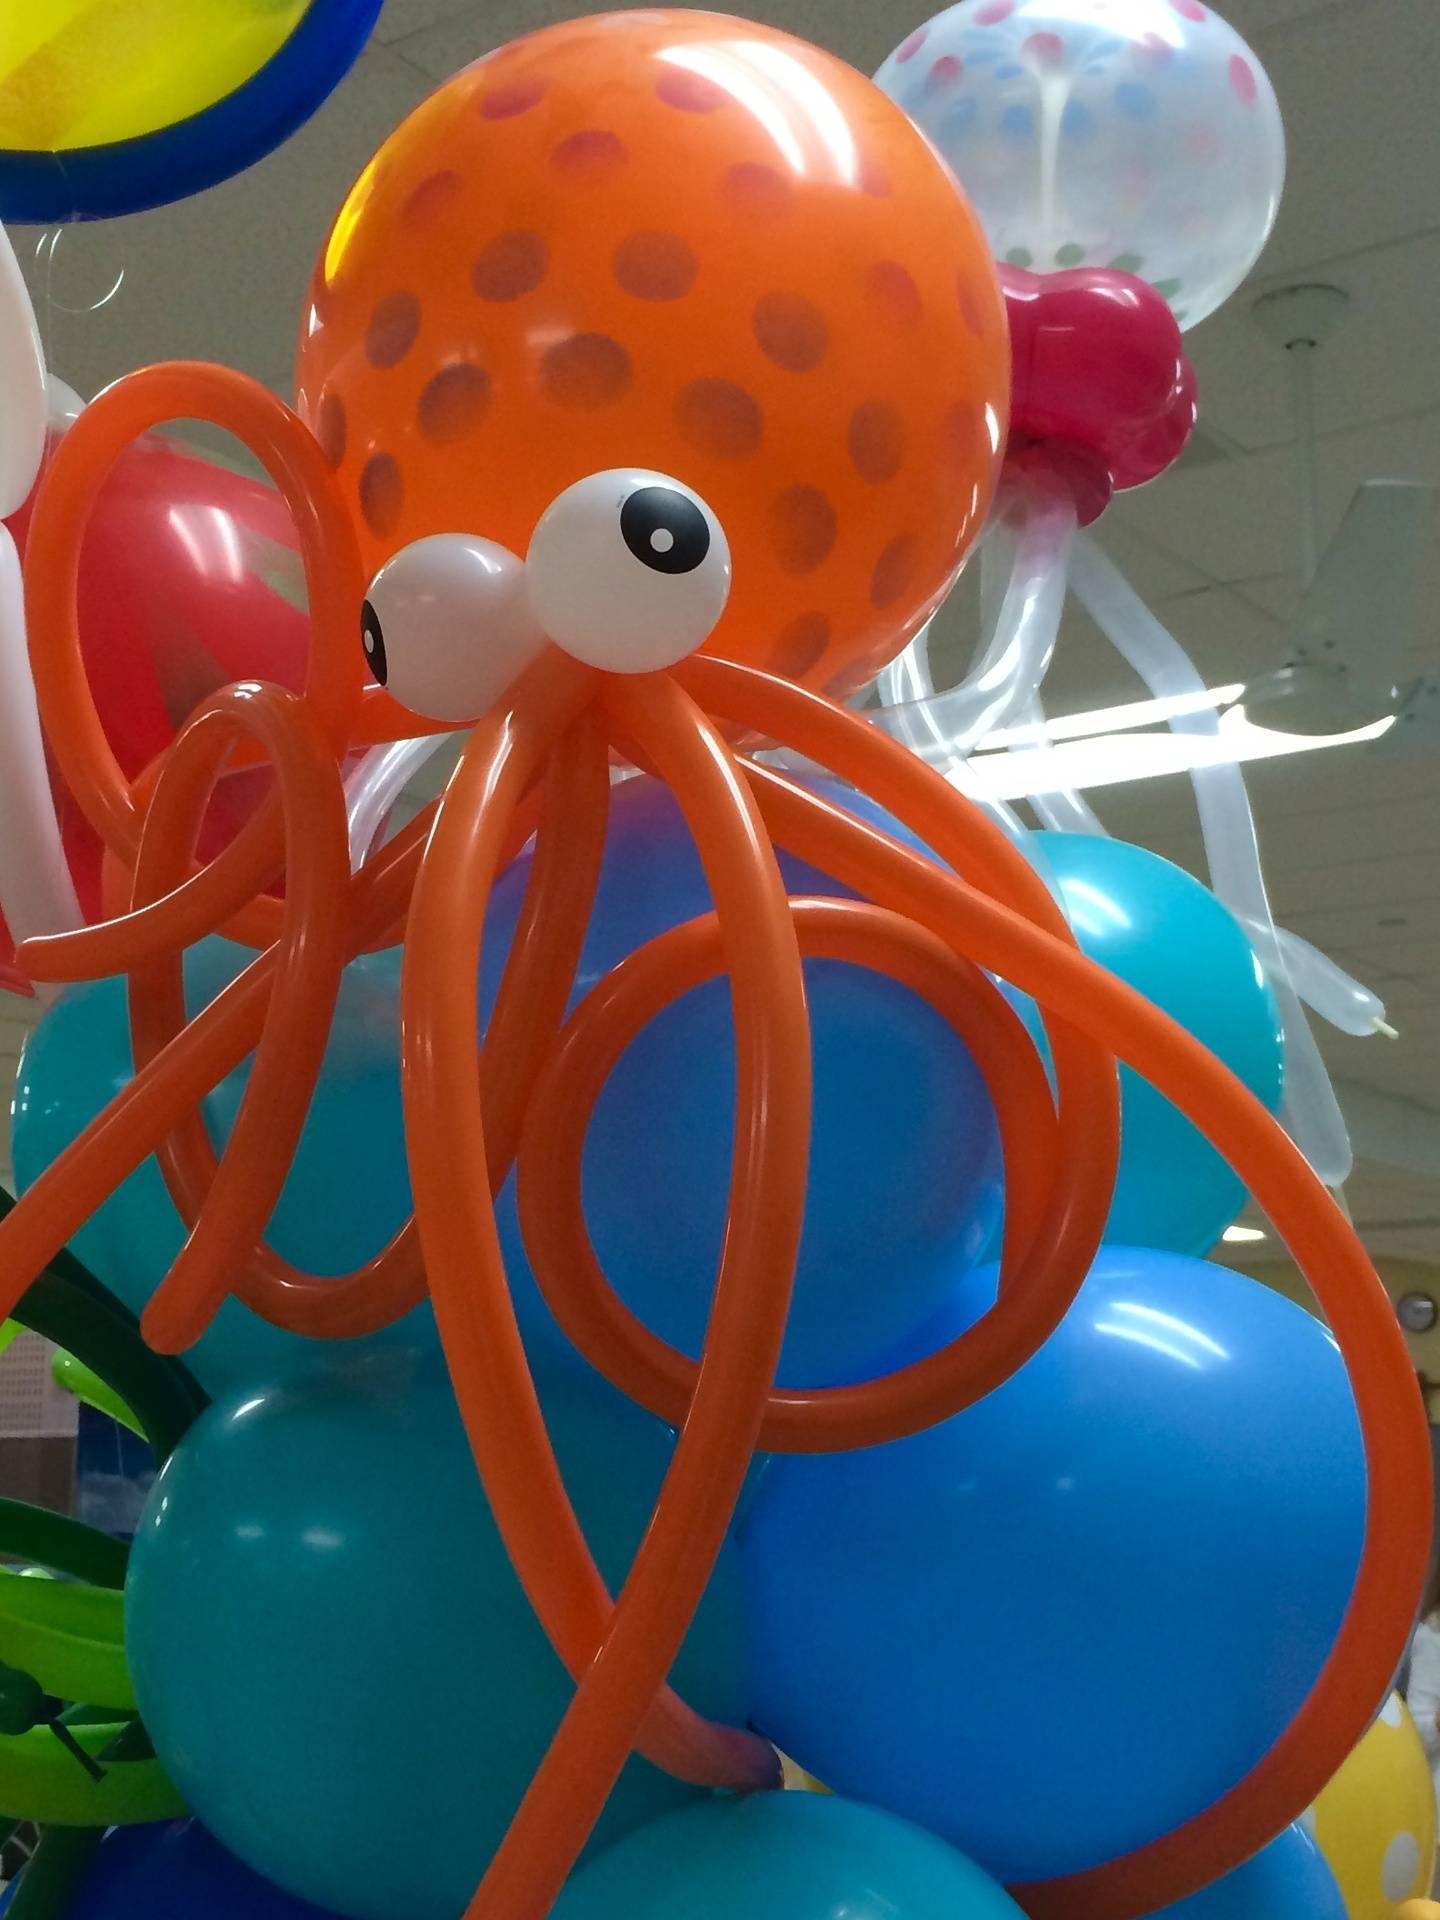 Octopus Balloon Sculpture